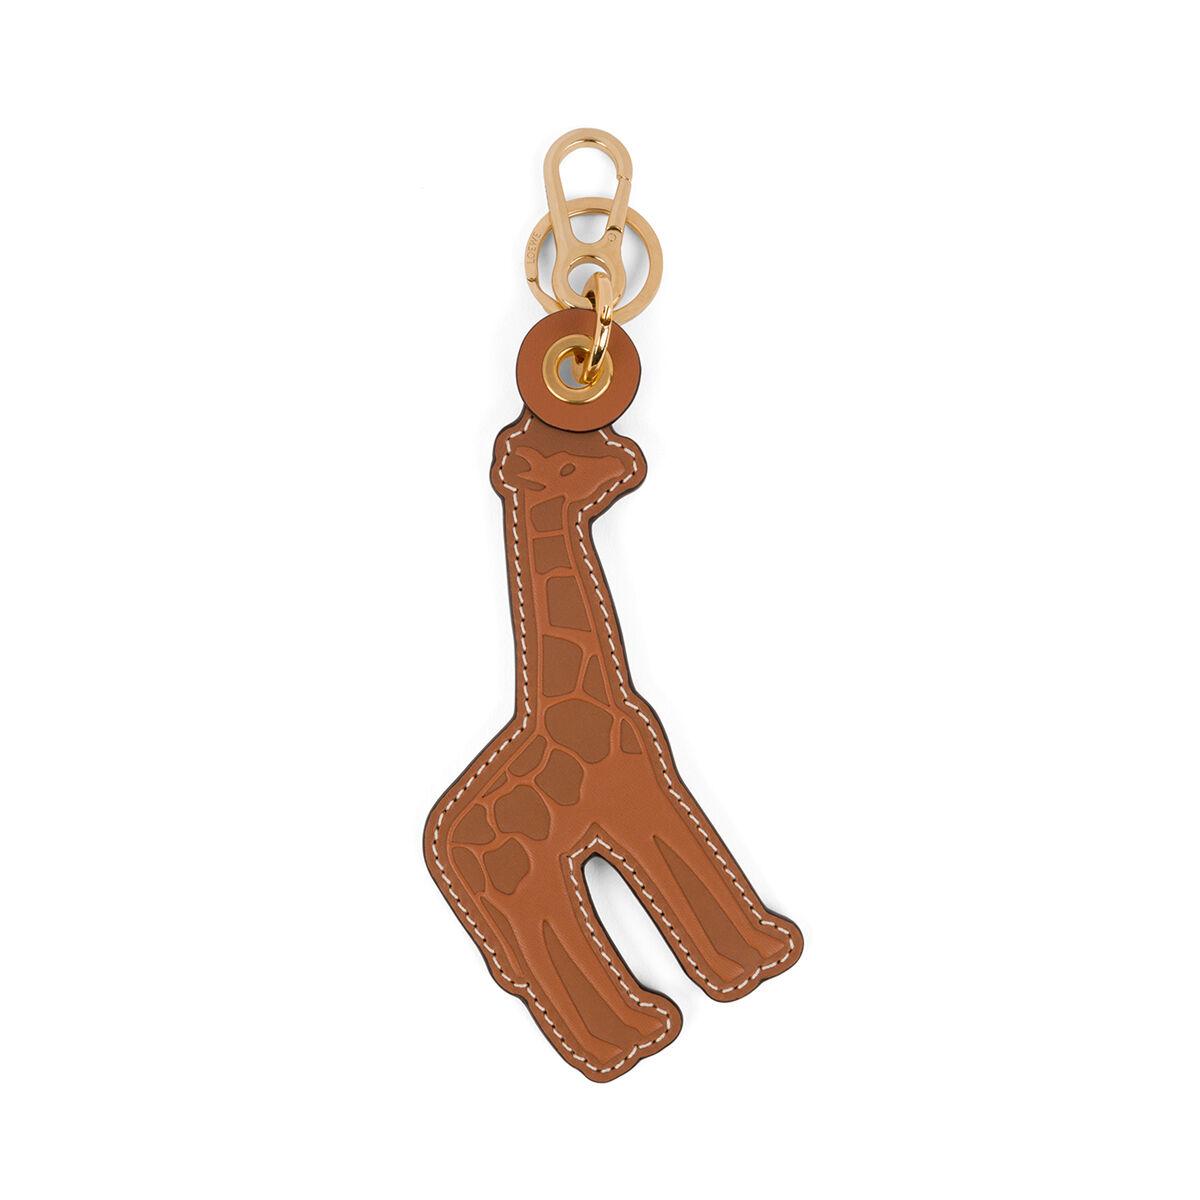 LOEWE Giraffe Leather Charm 棕褐色/黄色 all